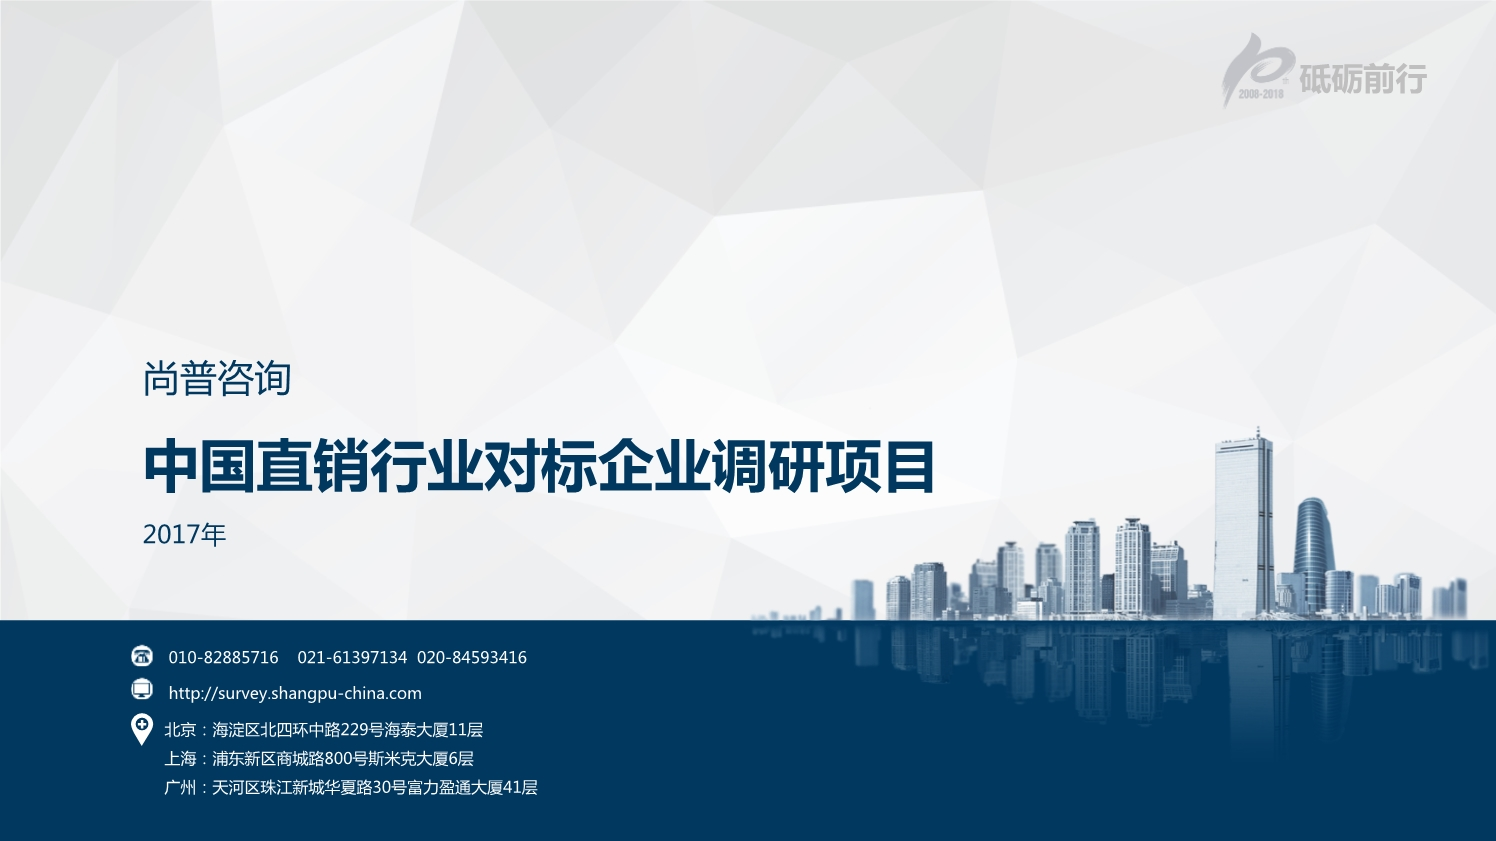 尚普咨询-中国直销行业对标企业市场调研项目